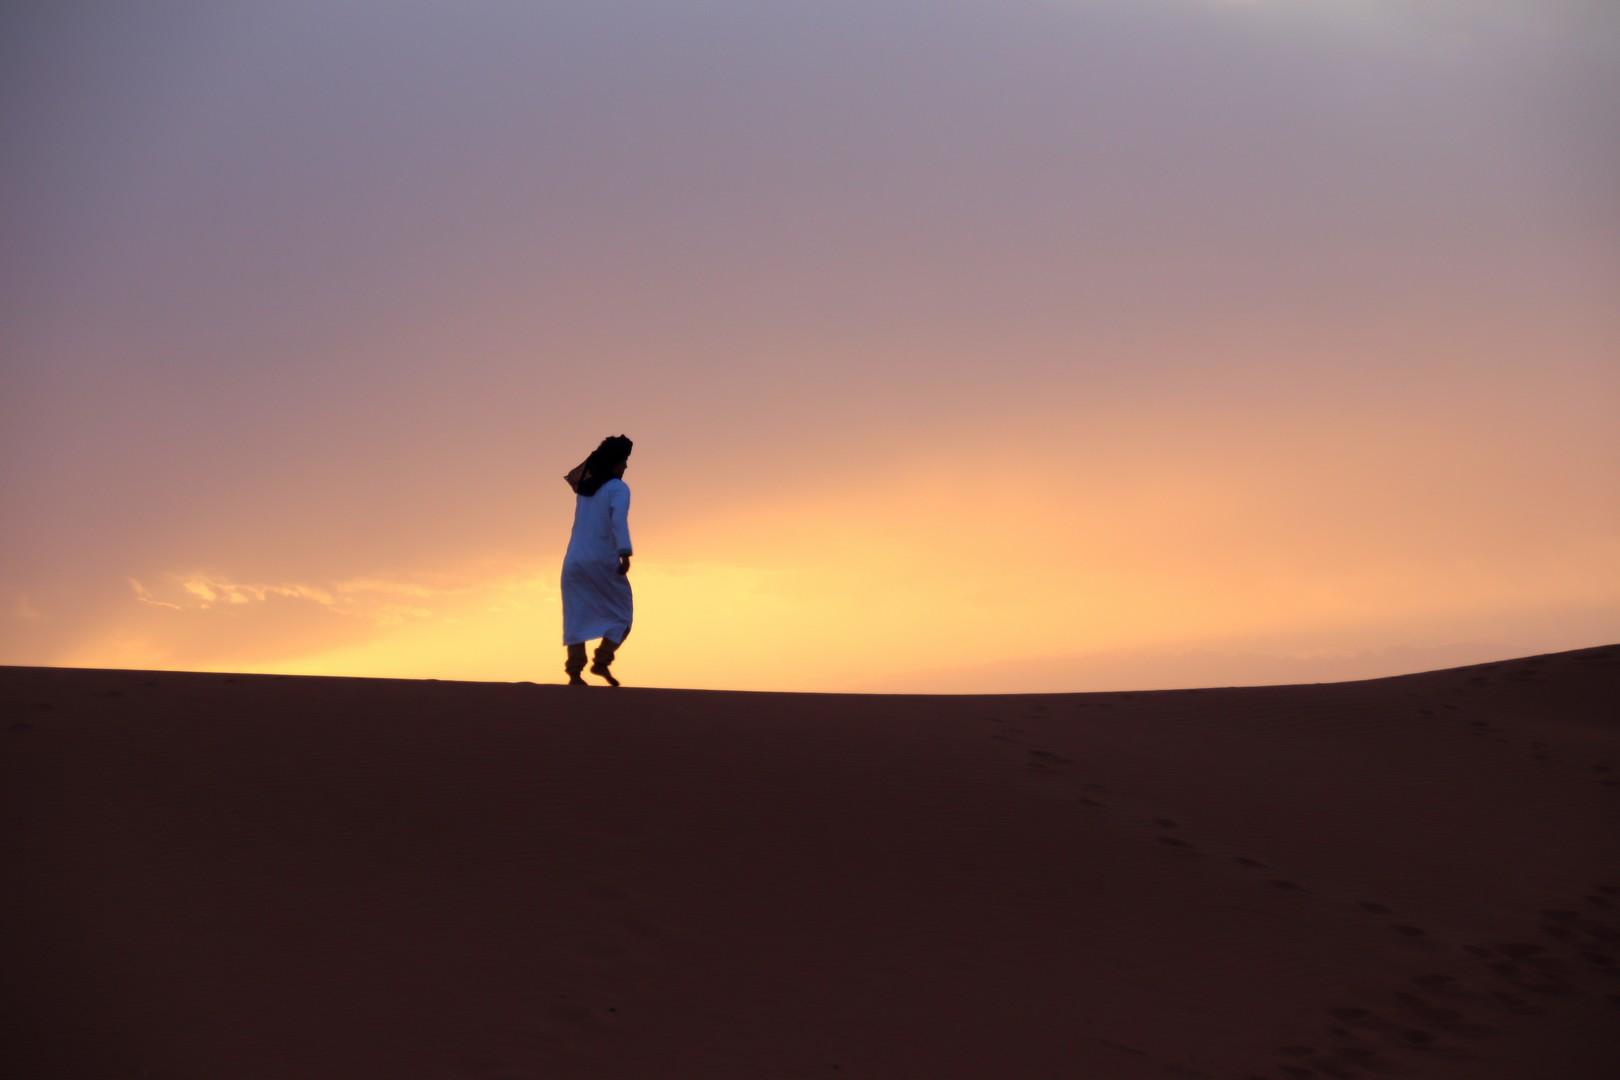 Maroc - Homme bleu sur la crête d'une dune de l'erg Chegaga pendant le coucher de soleil